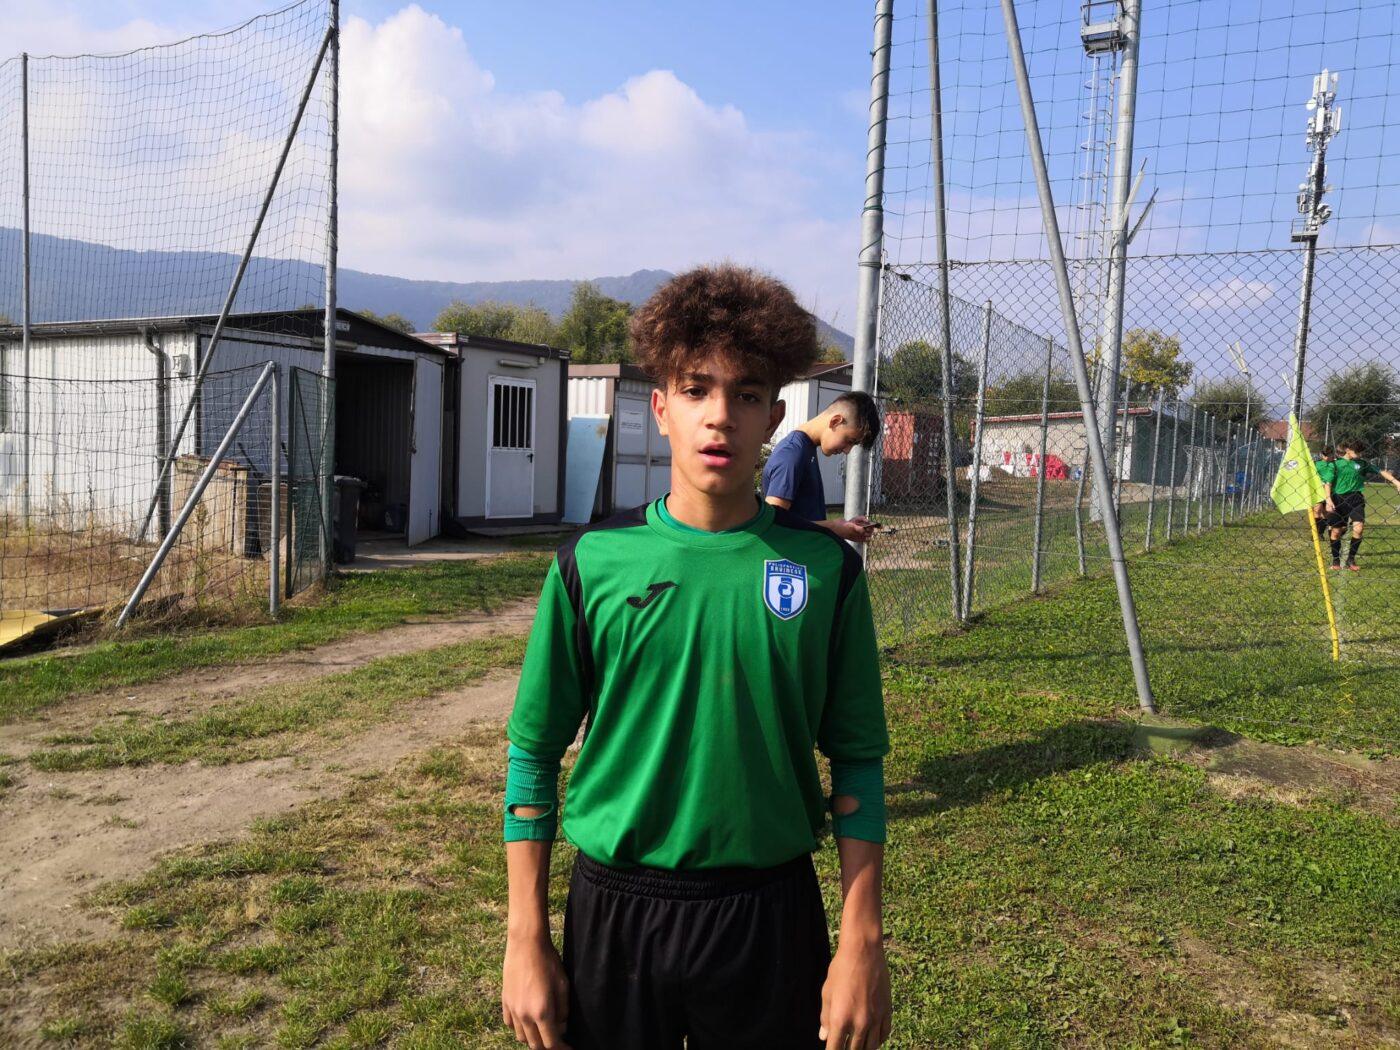 Bruinese-Savigliano Regionali Under15